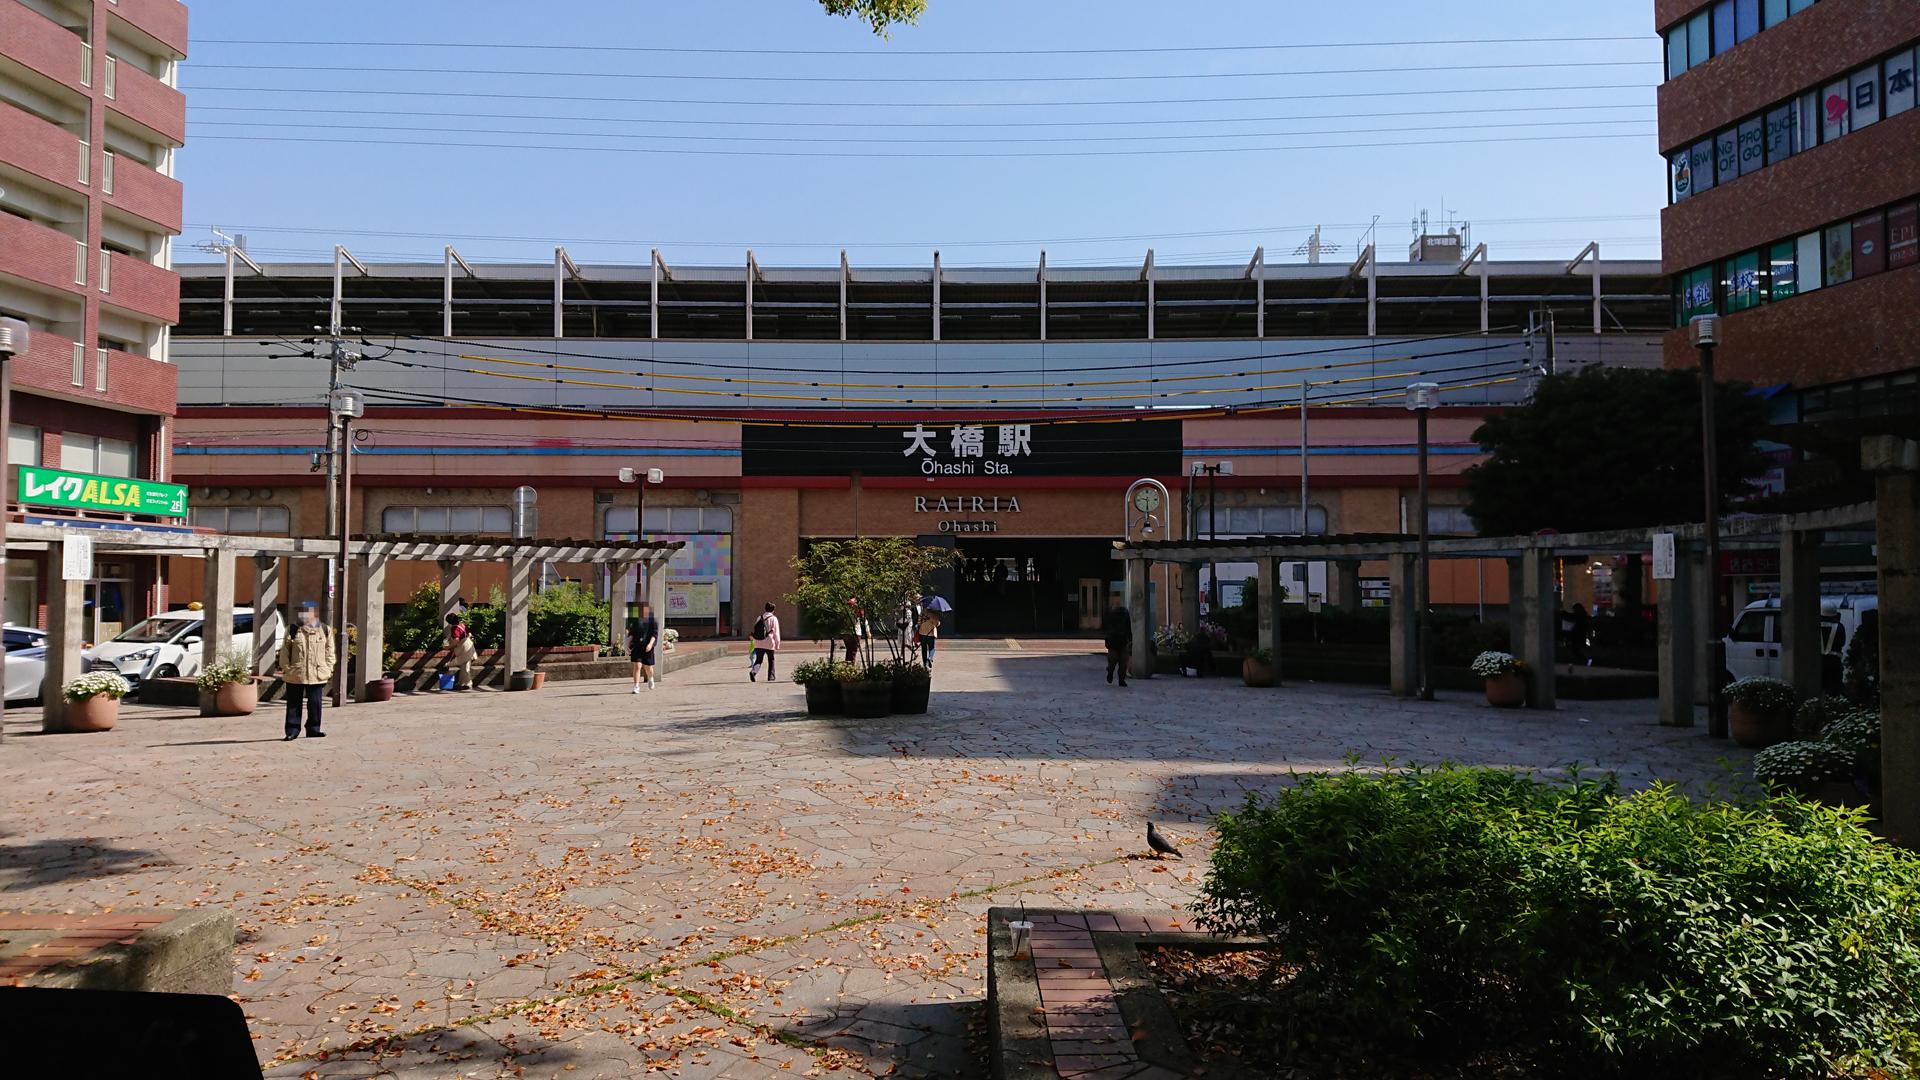 【公式】レンタルバイクのベストBike® 大橋駅